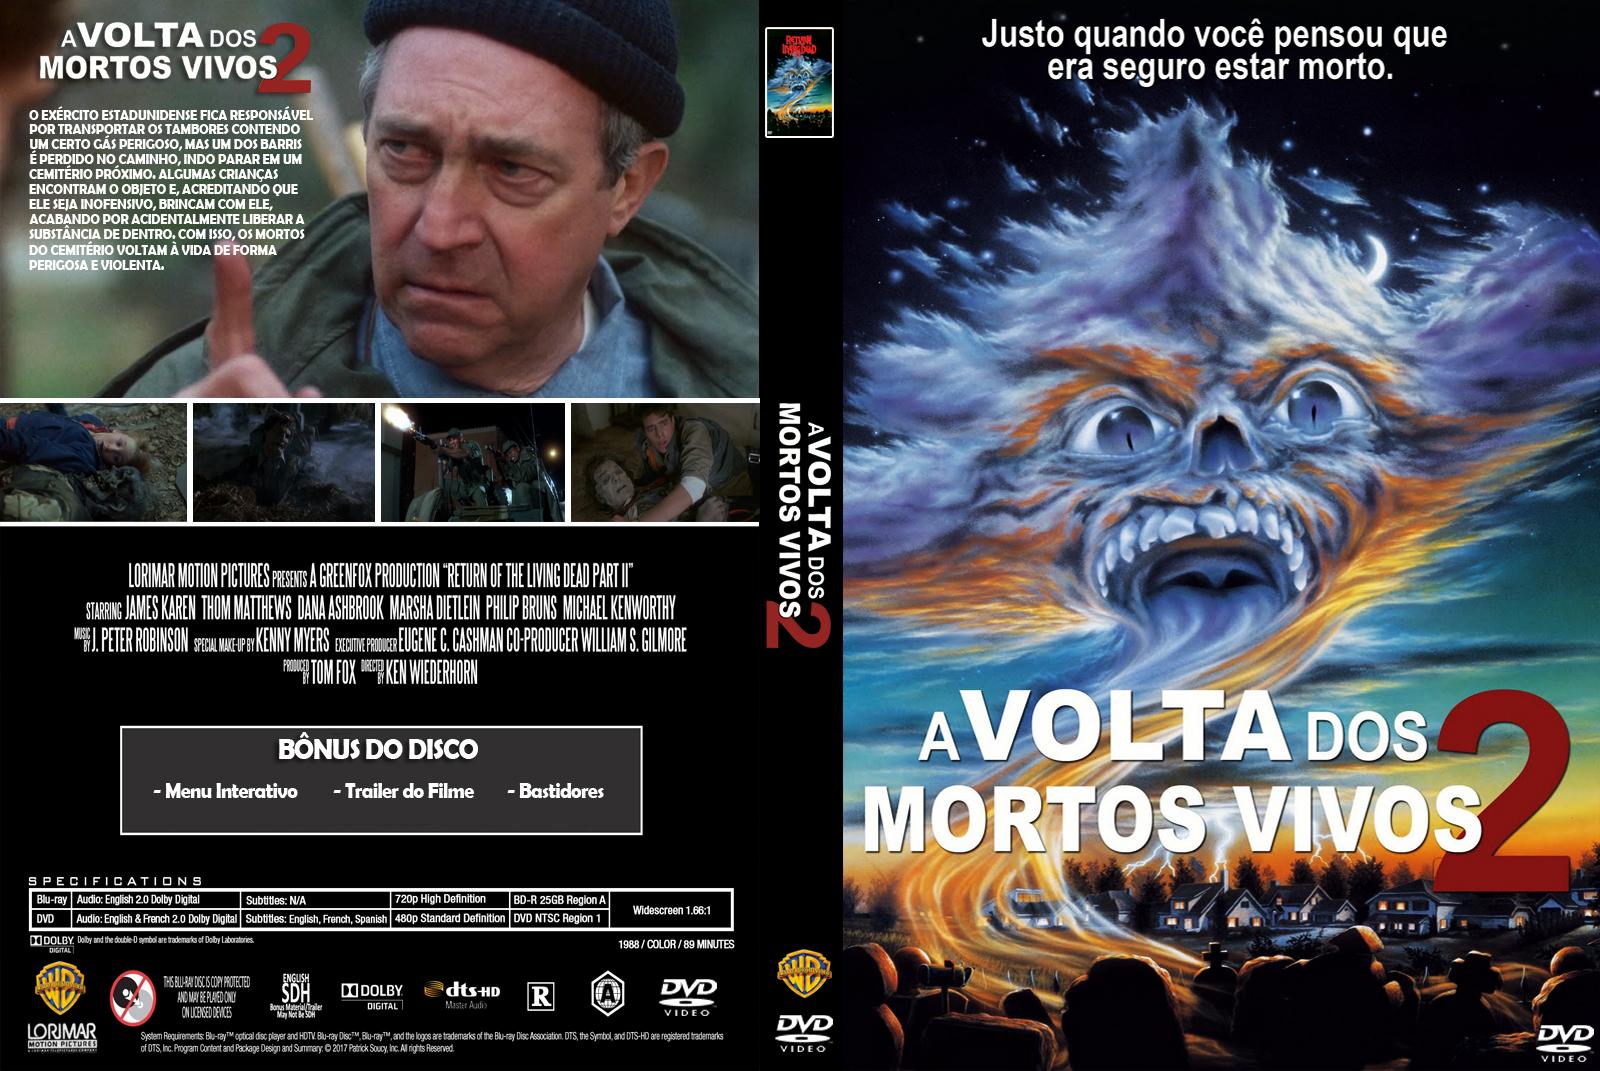 Filme Mortos Vivos inside a volta dos mortos vivos 2 | gigante das capas